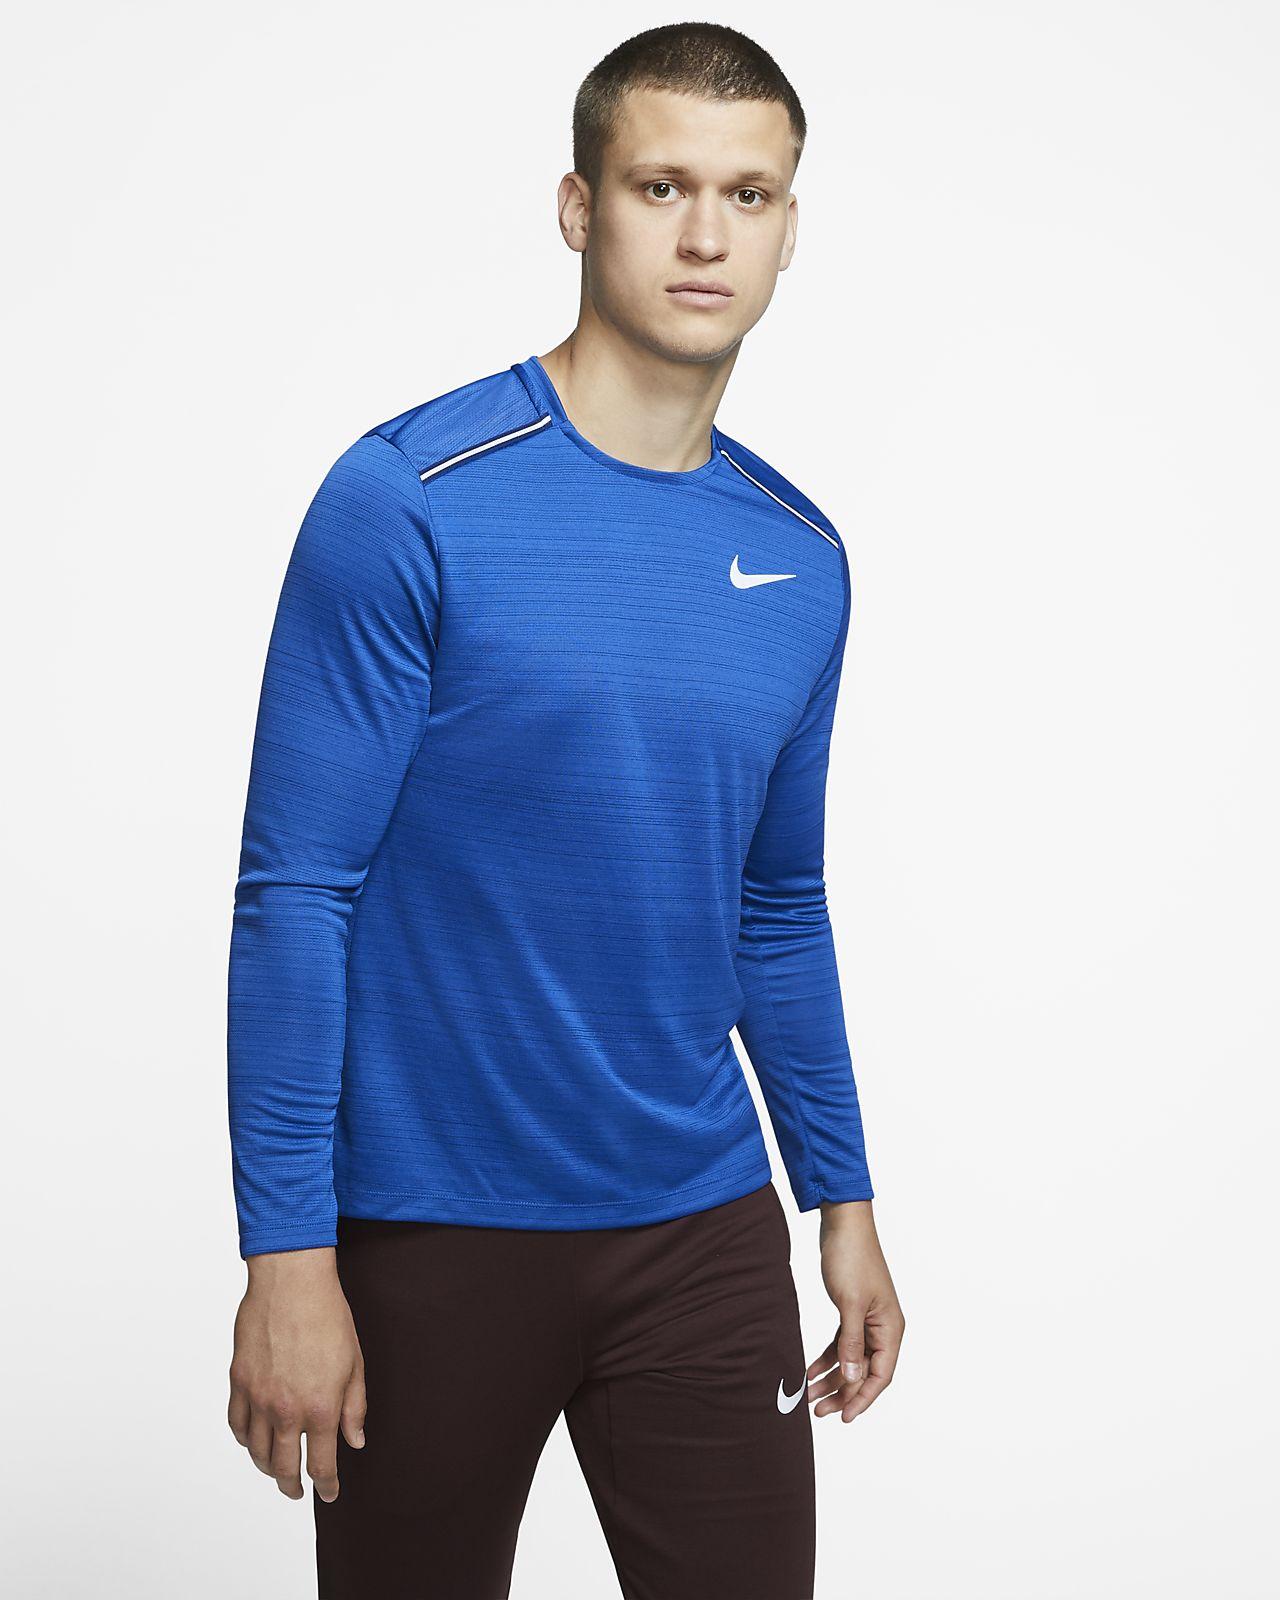 Maglia da running a manica lunga Nike Dri-FIT Miler - Uomo